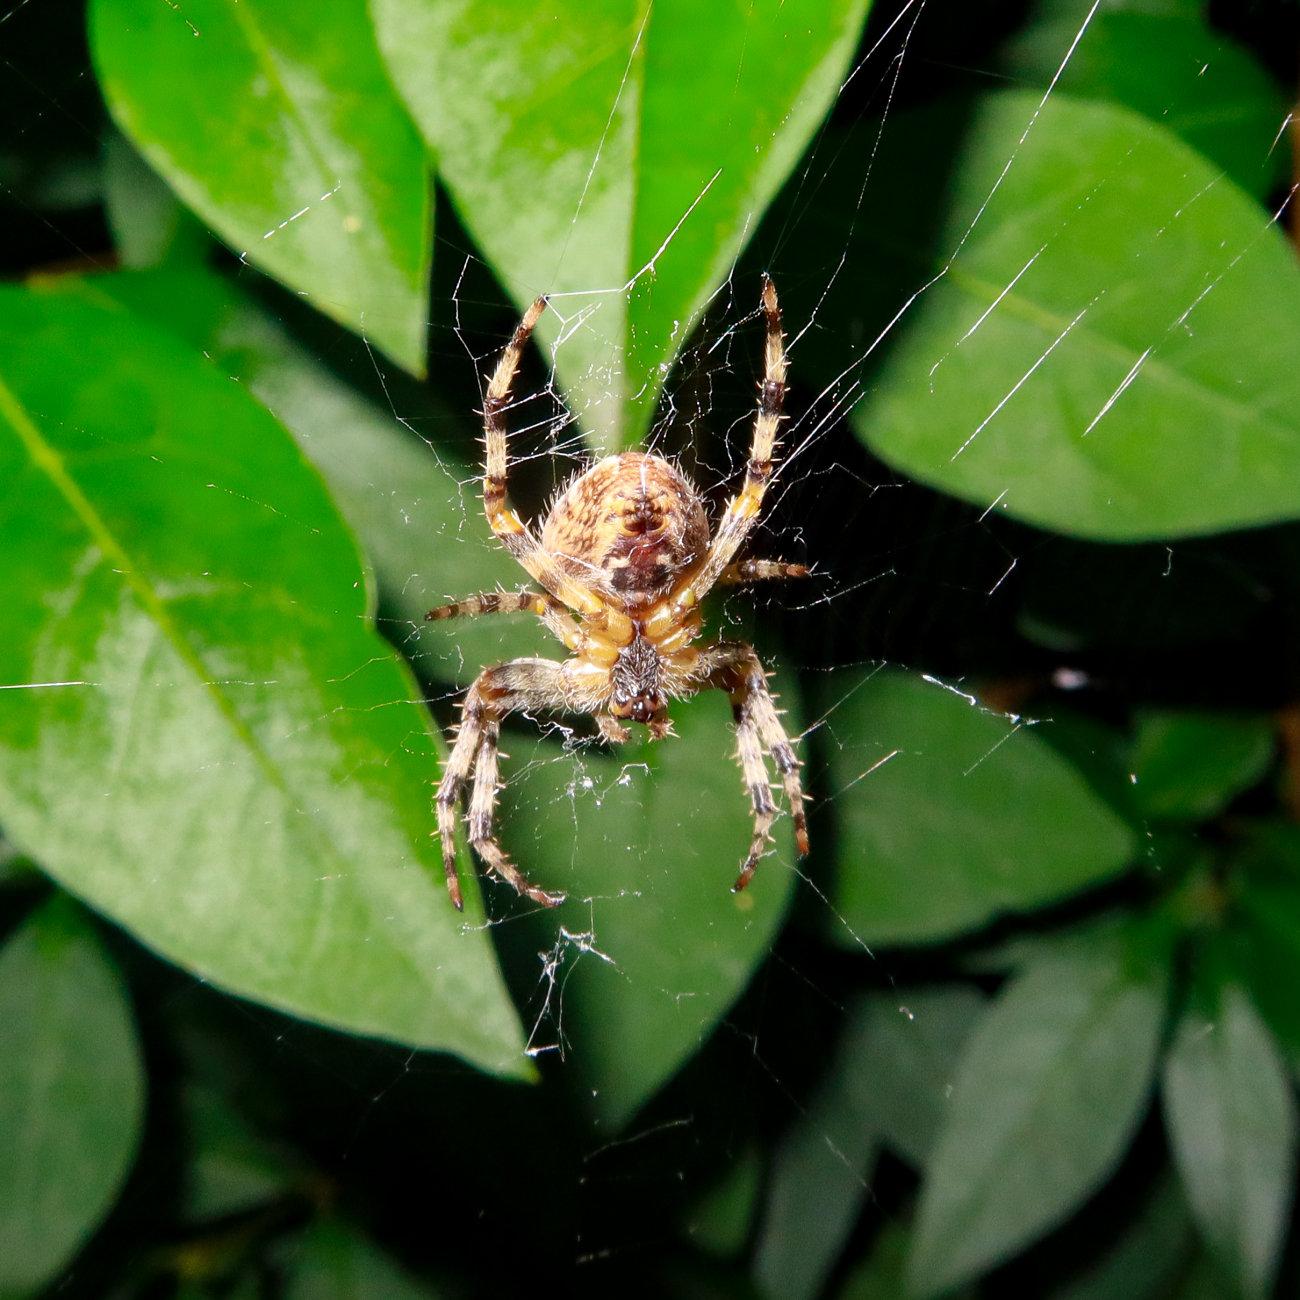 Humble garden spider